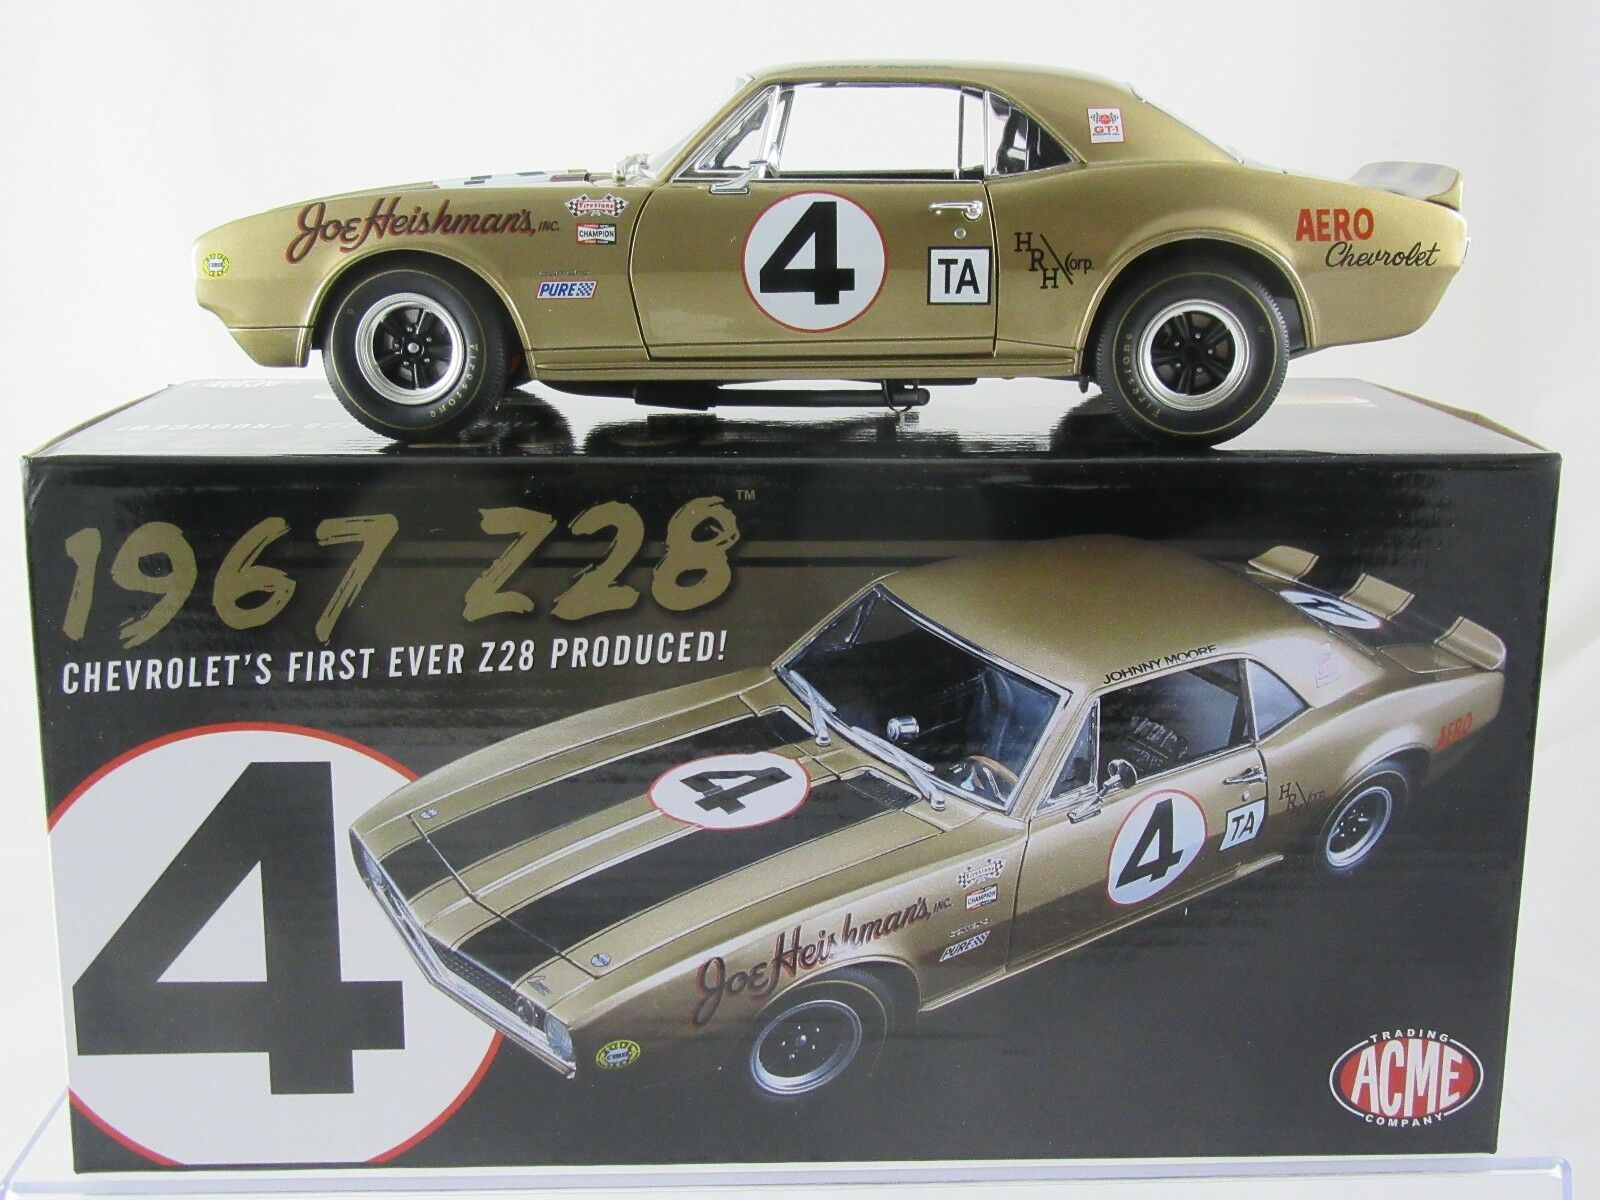 1967 chevrolet camaro z    4   28 - z   28 produziert a1805703